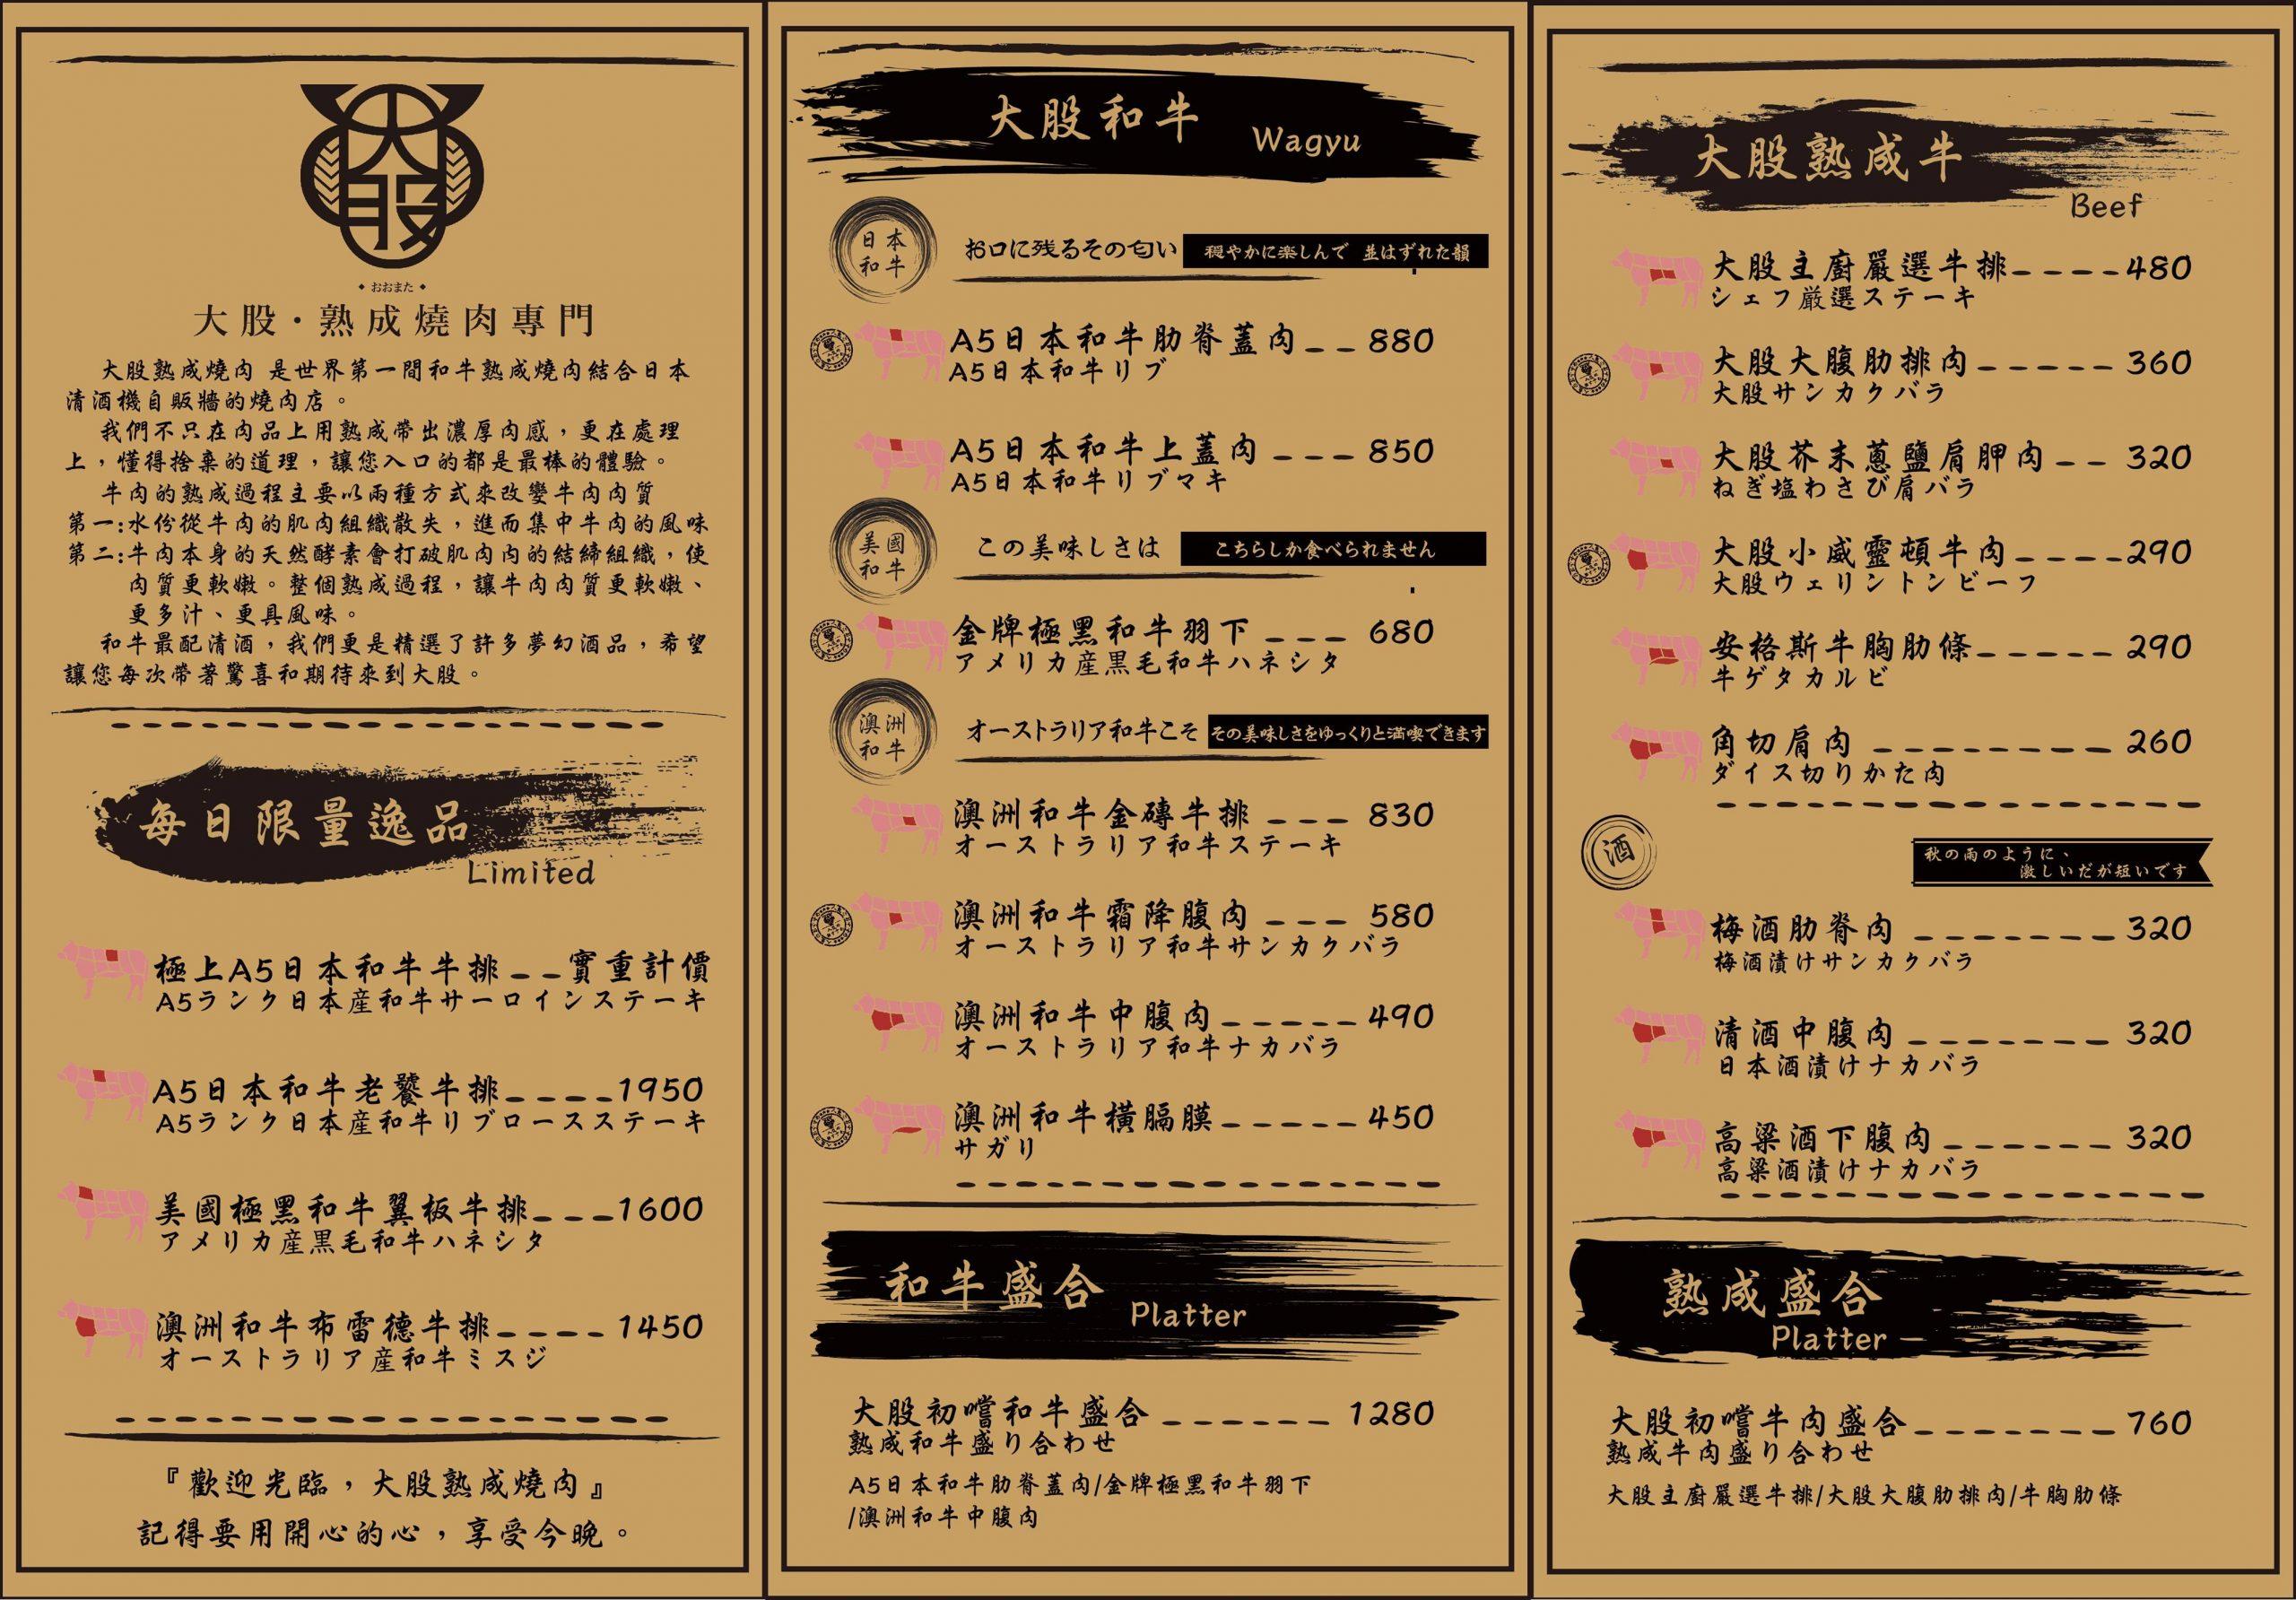 【台中西屯】大股熟成燒肉專門:全台首創清酒投幣機,專人桌邊代烤的奢華享受 @飛天璇的口袋